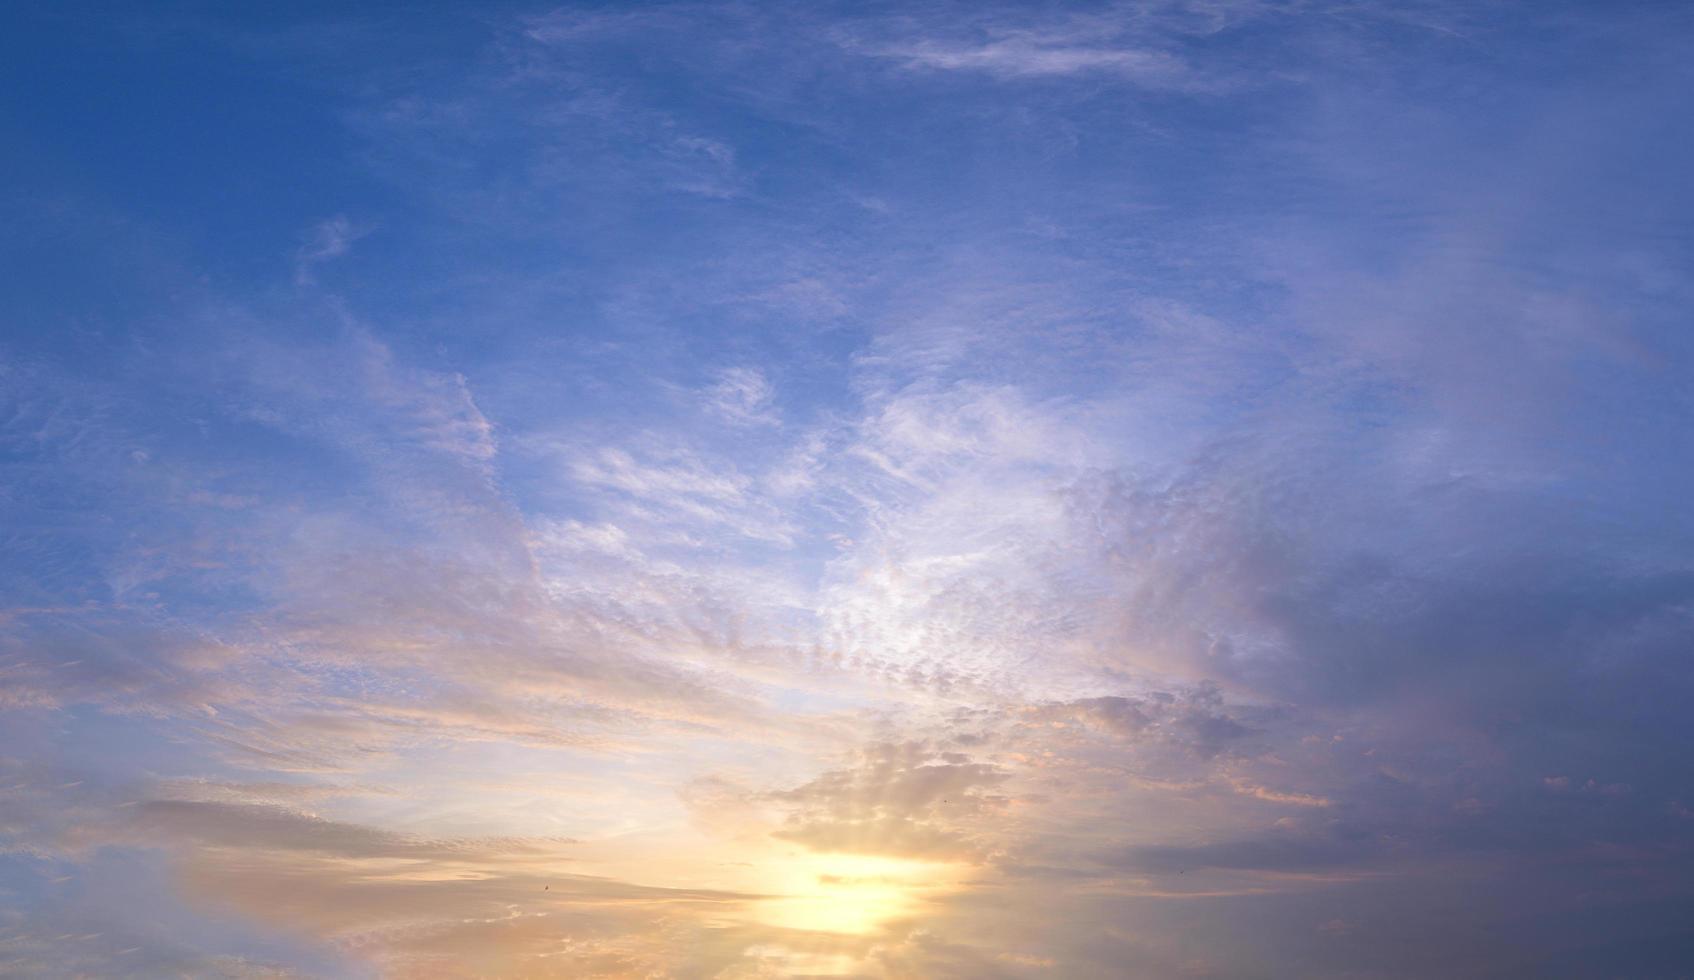 céu e sol ao pôr do sol foto